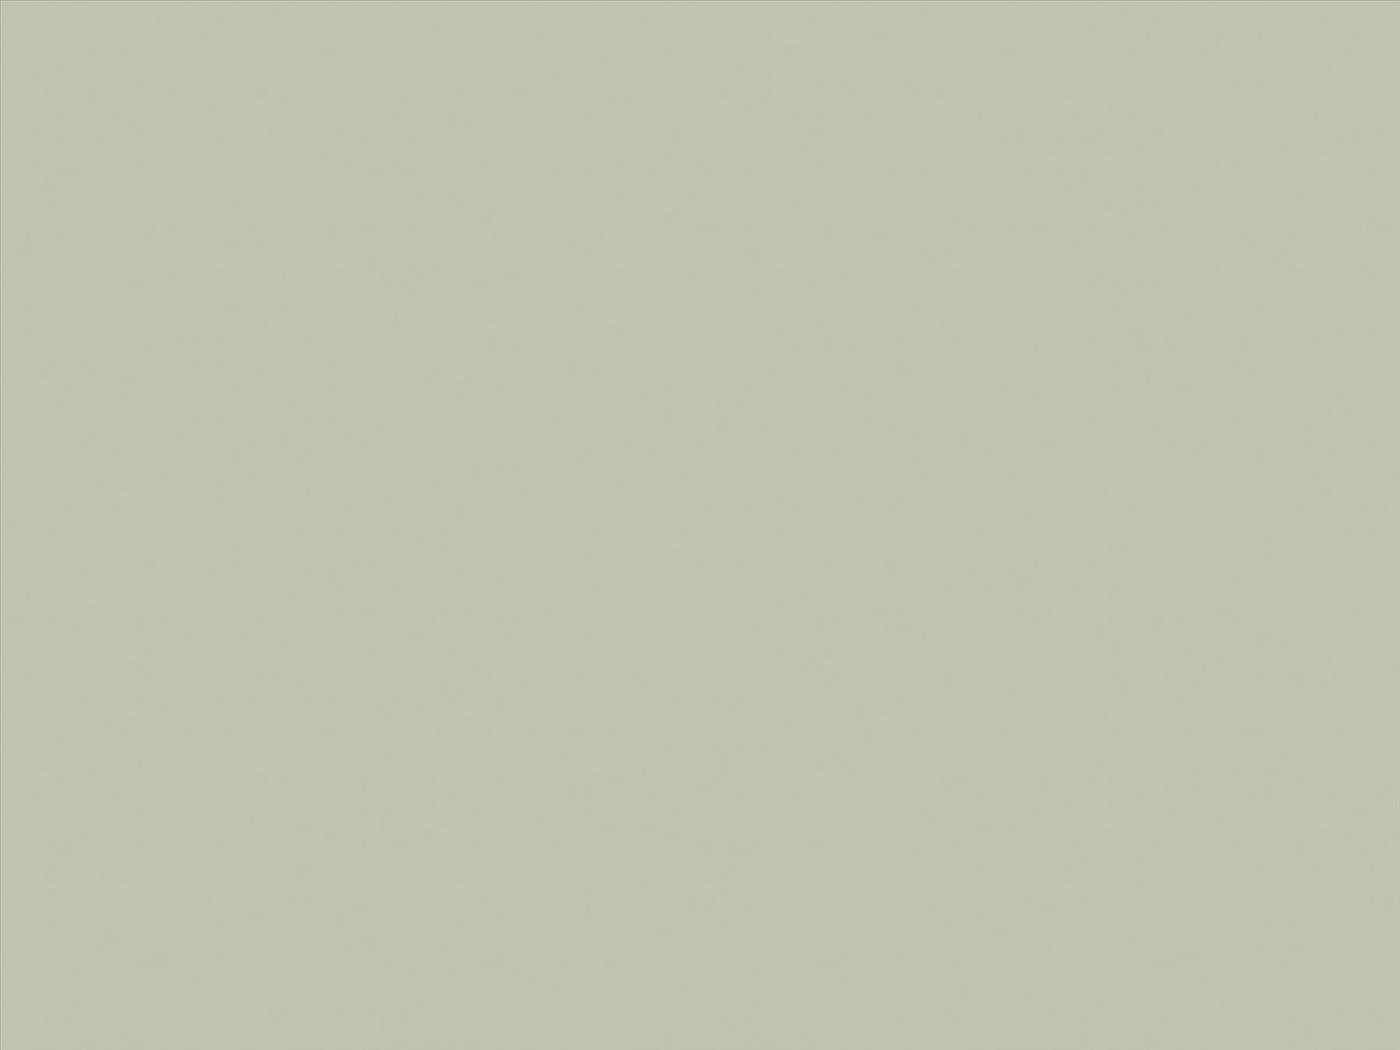 קוריאן seagrass